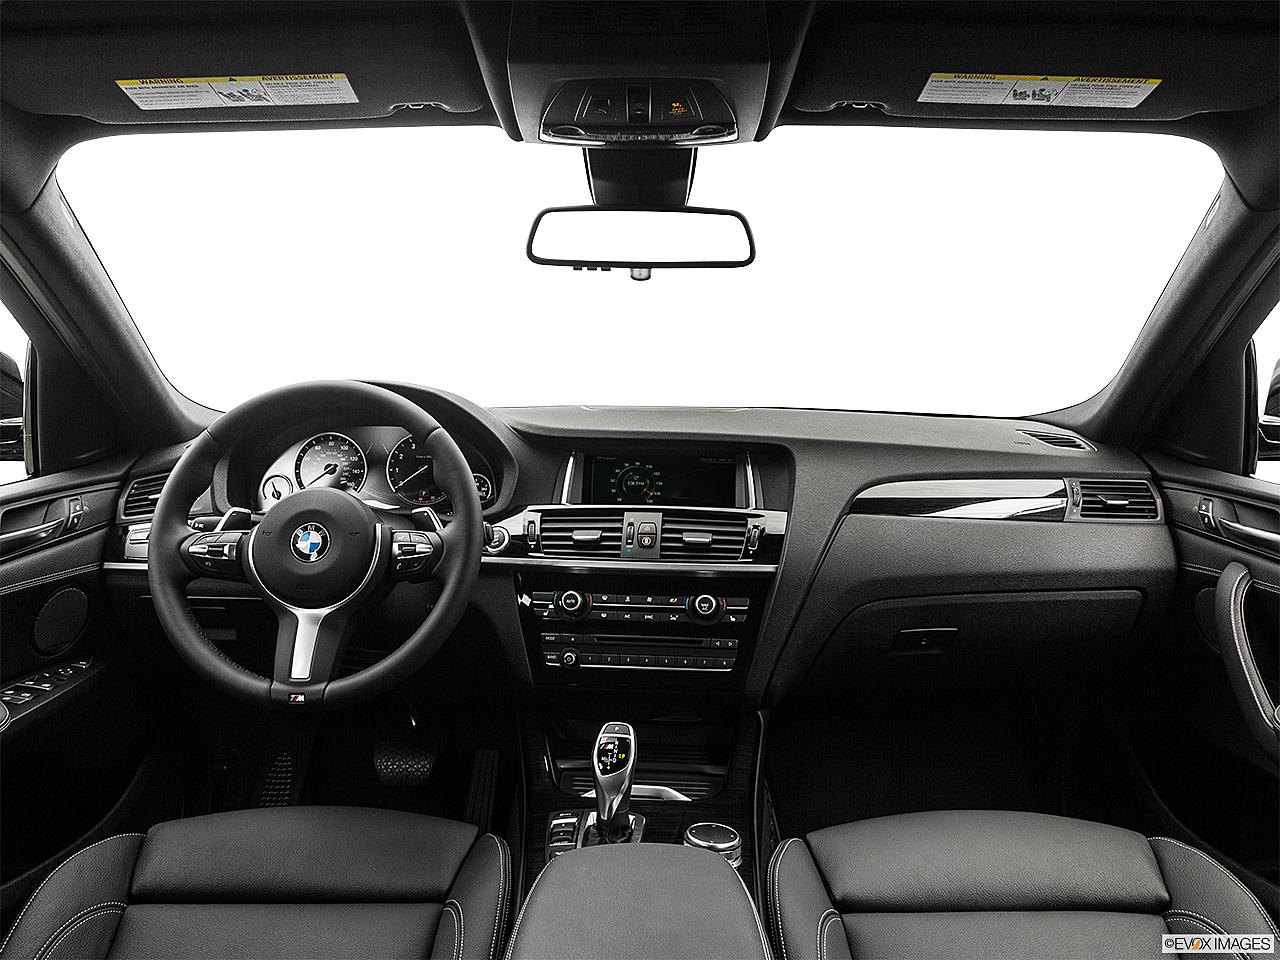 2017 BMW X4 M40i Centered Wide Dash Shot